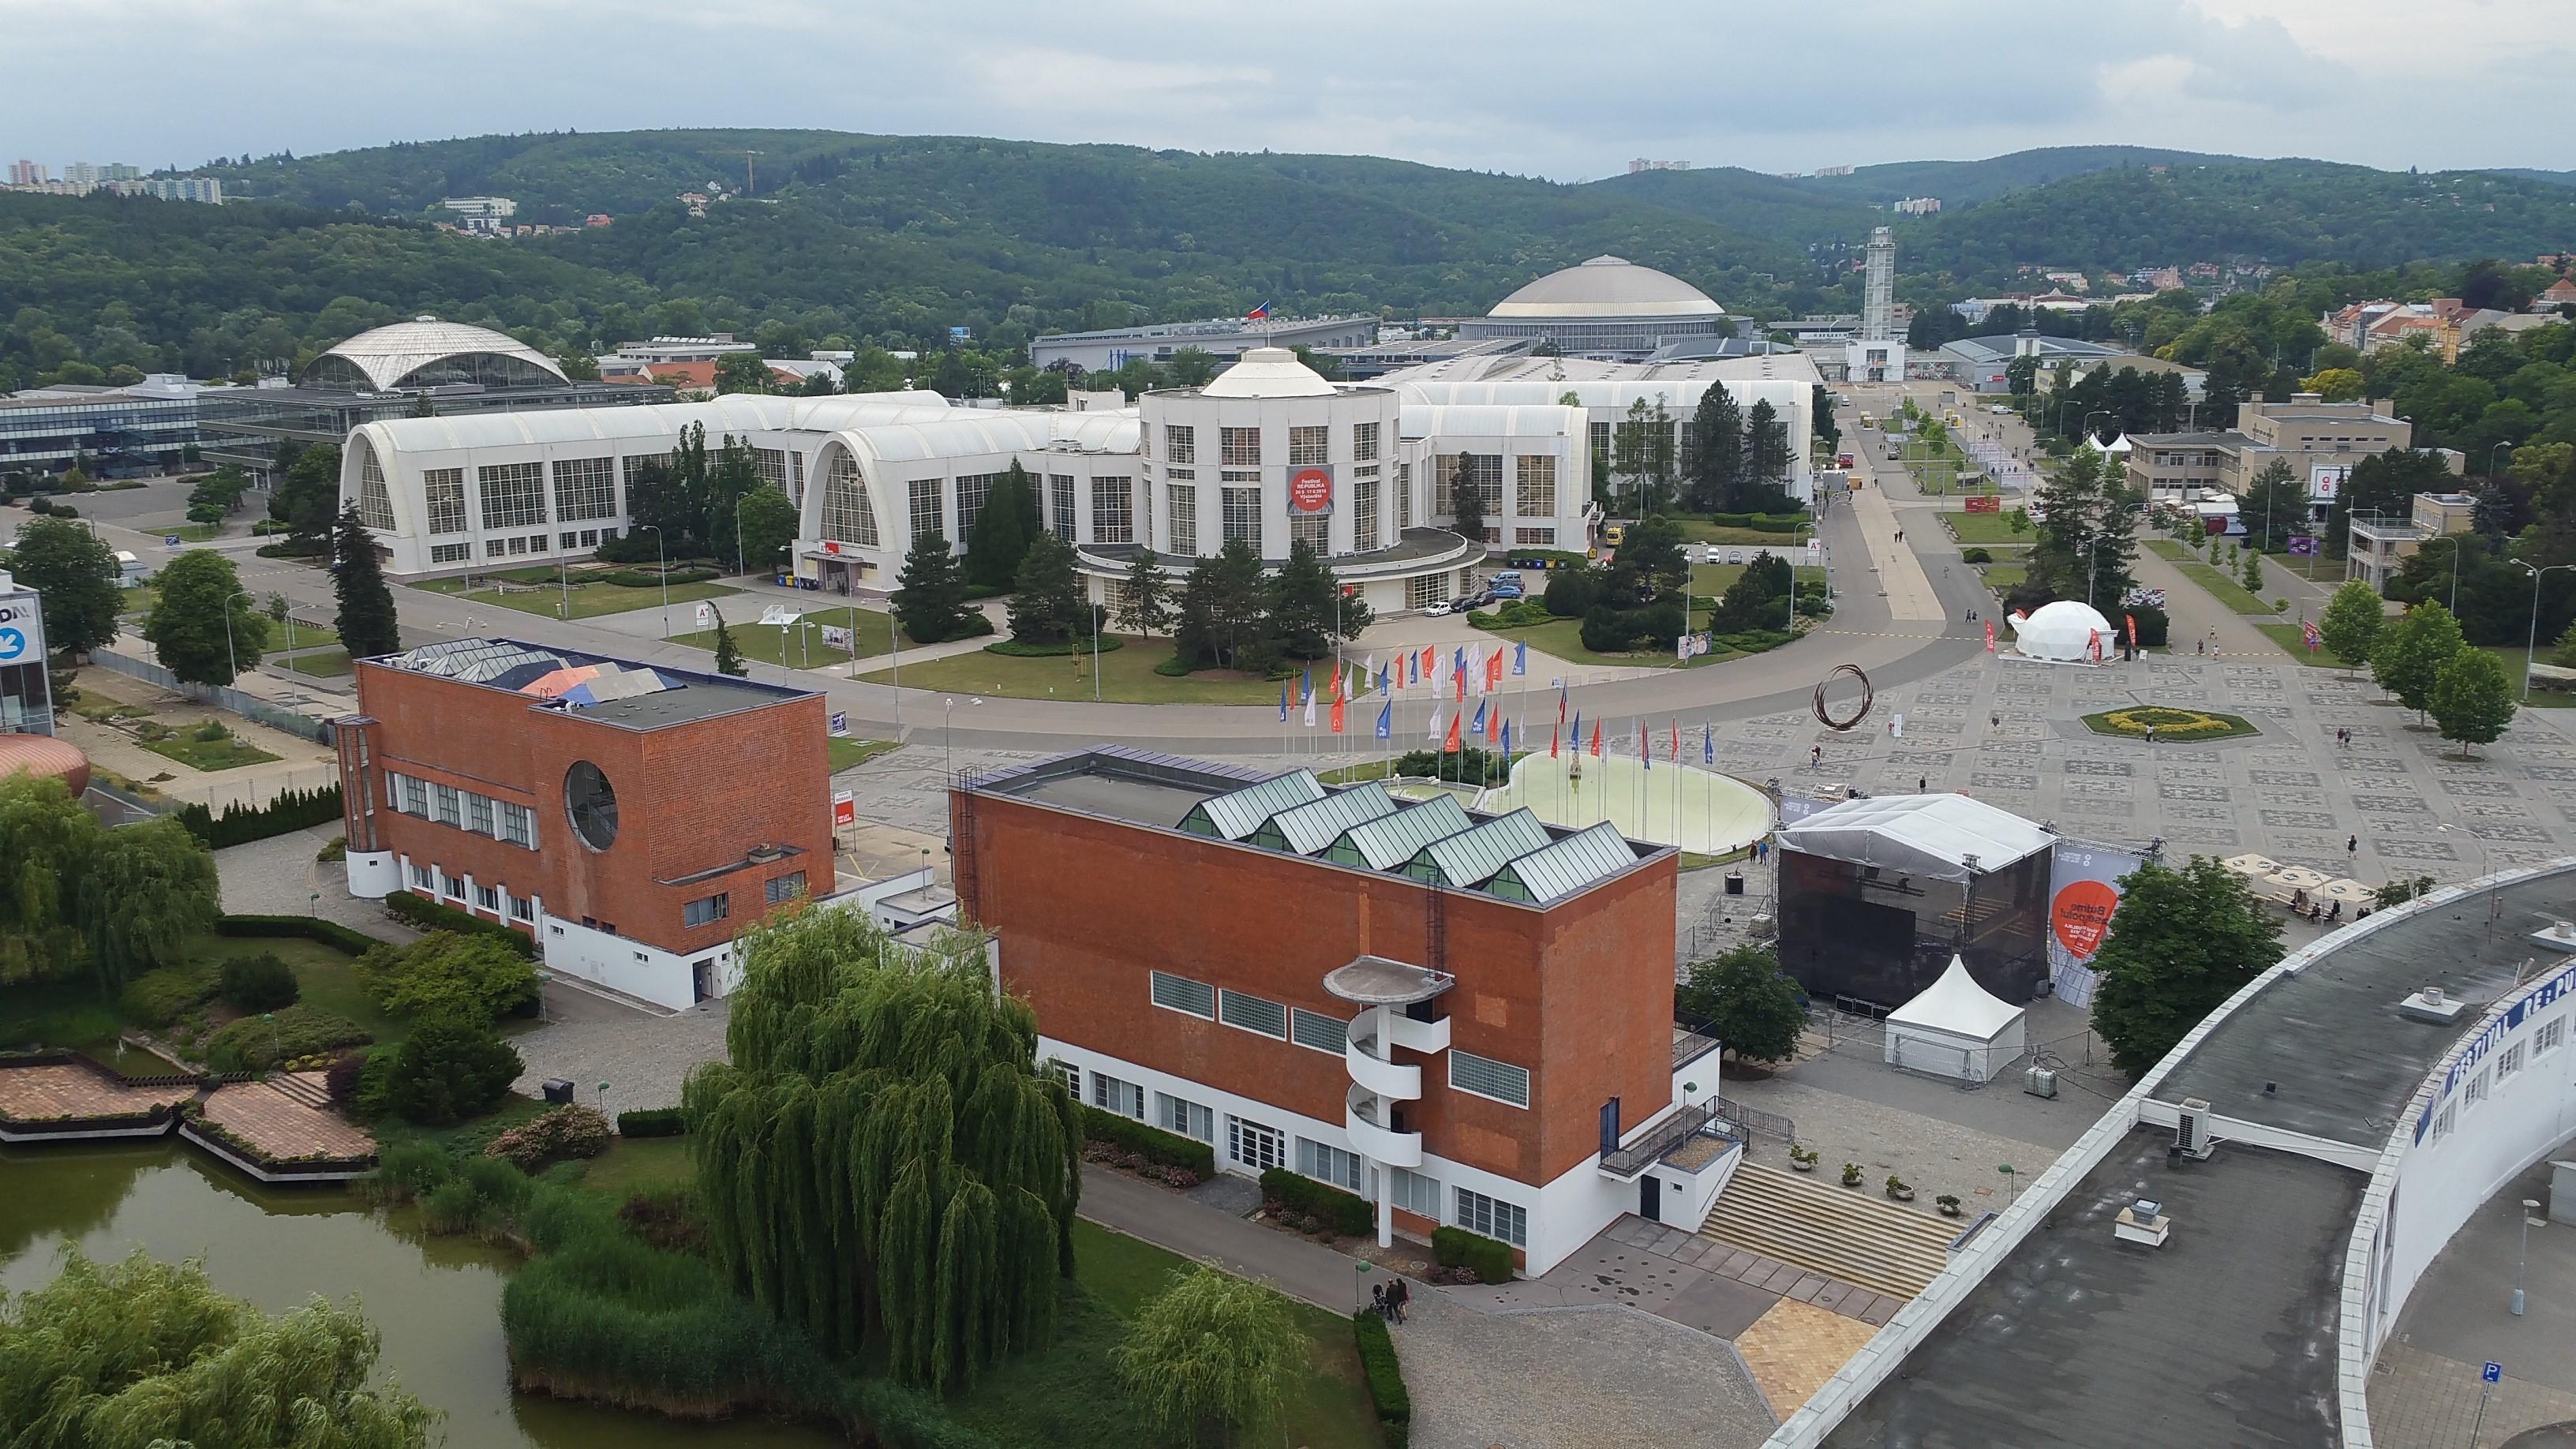 Brněnské výstaviště v červnu 2017